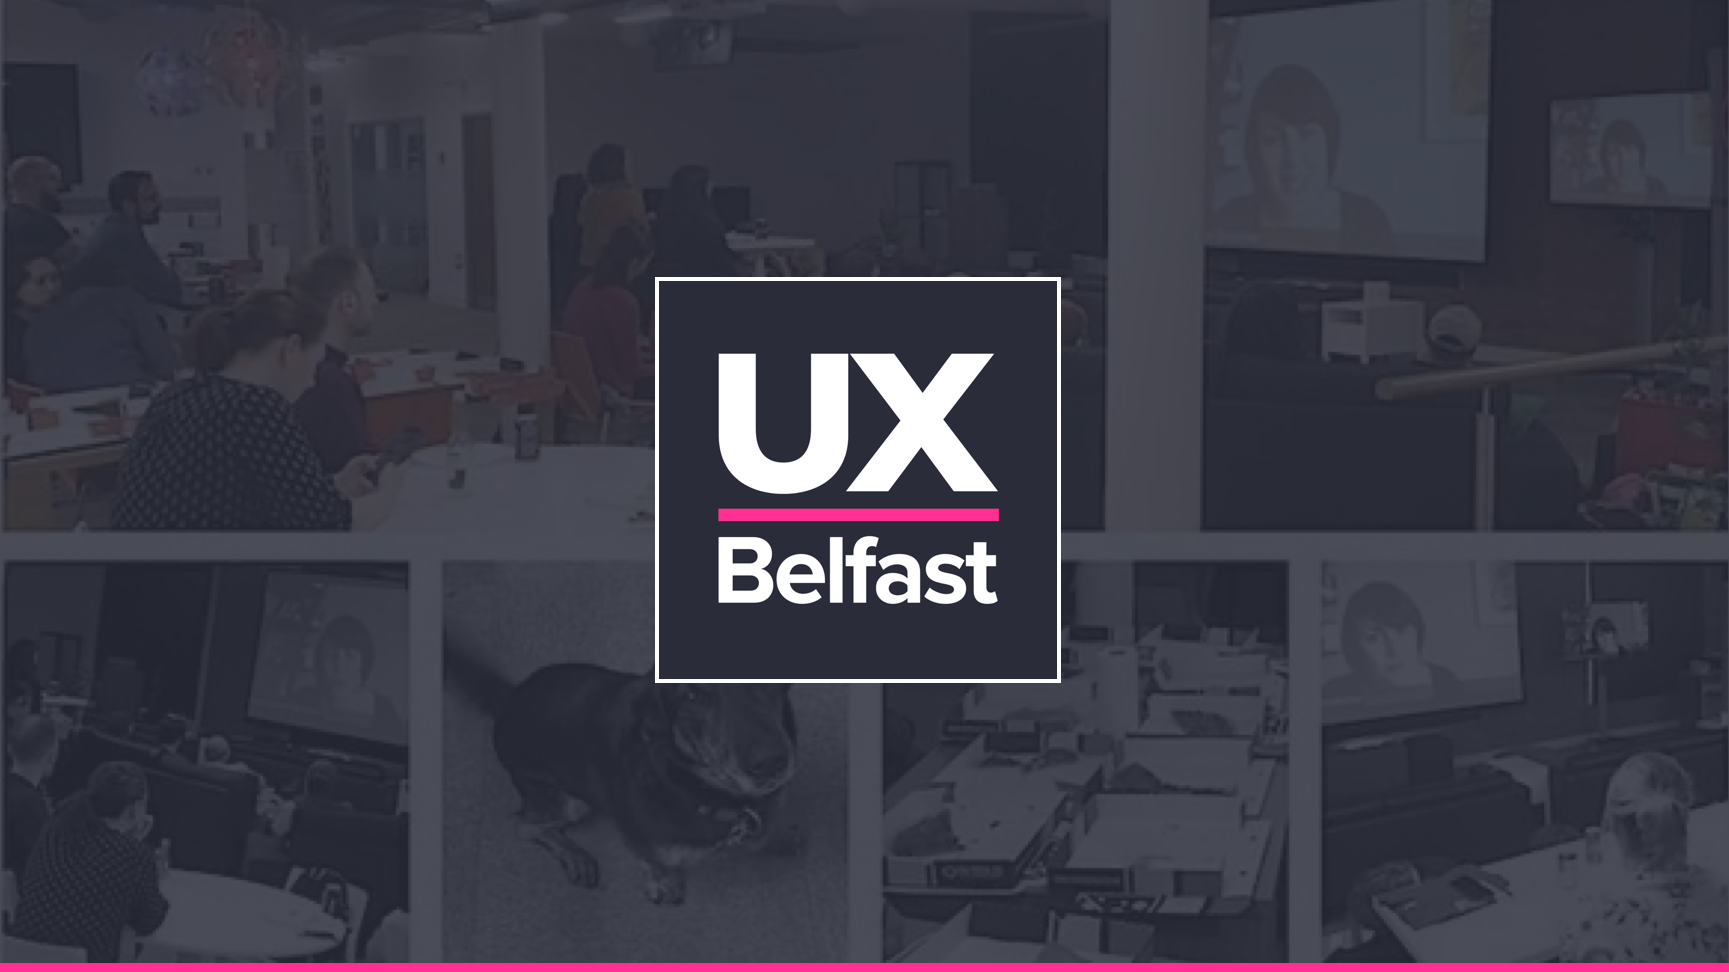 UX Belfast